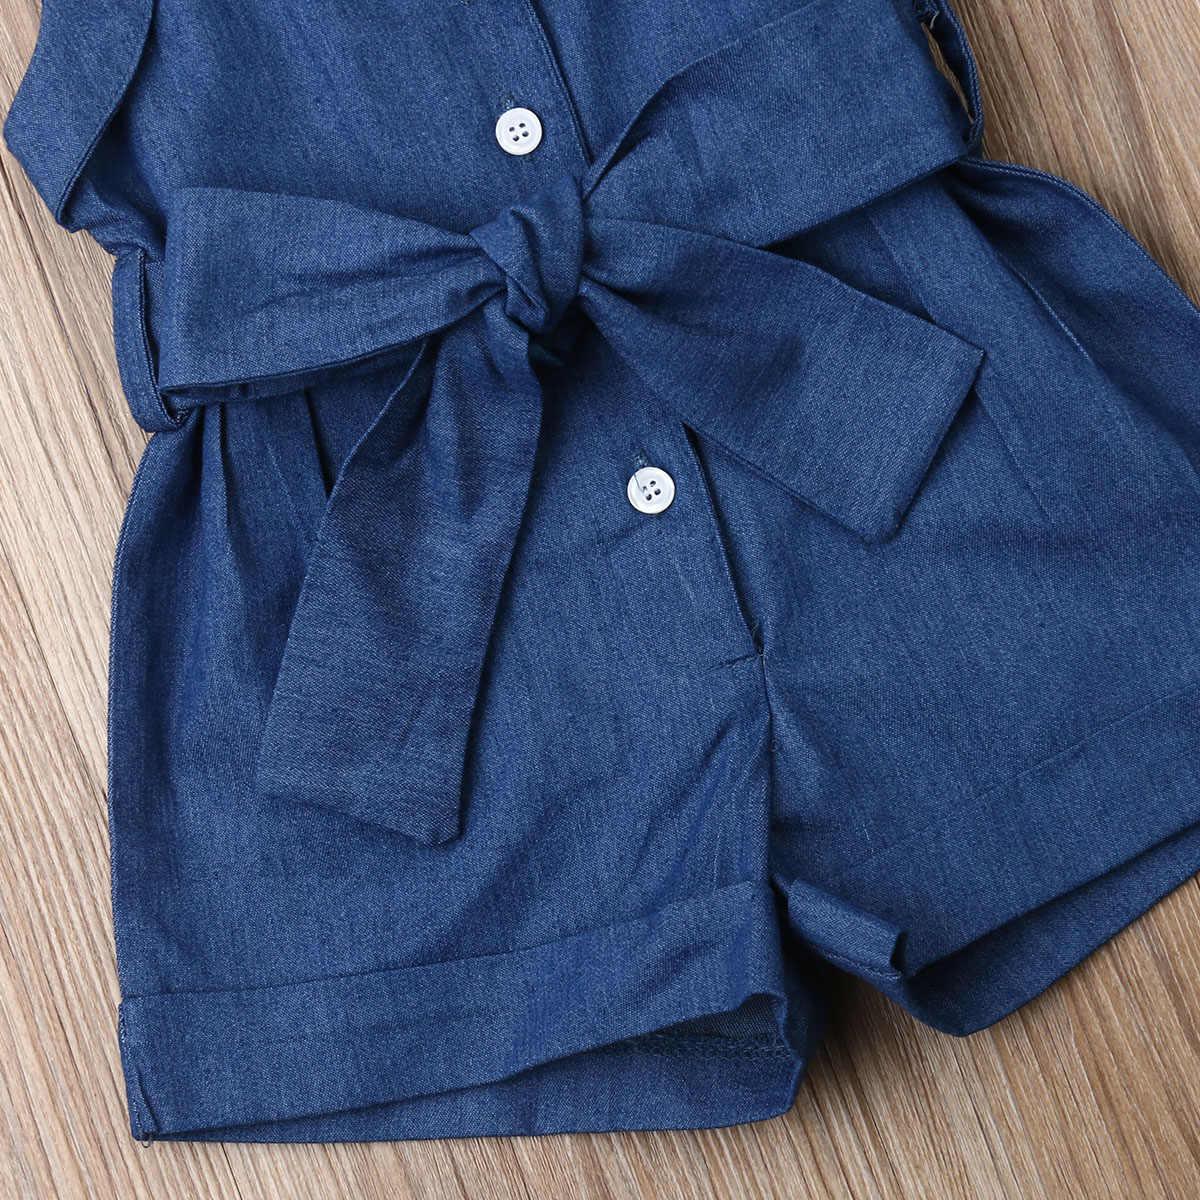 1-6T Pudcoco Engeland Stijl Romper voor Peuter Baby Meisje Denim Jumpsuit 2 STUKS Kids Mouwloze Jumper met boog Riem Outfit Kleding